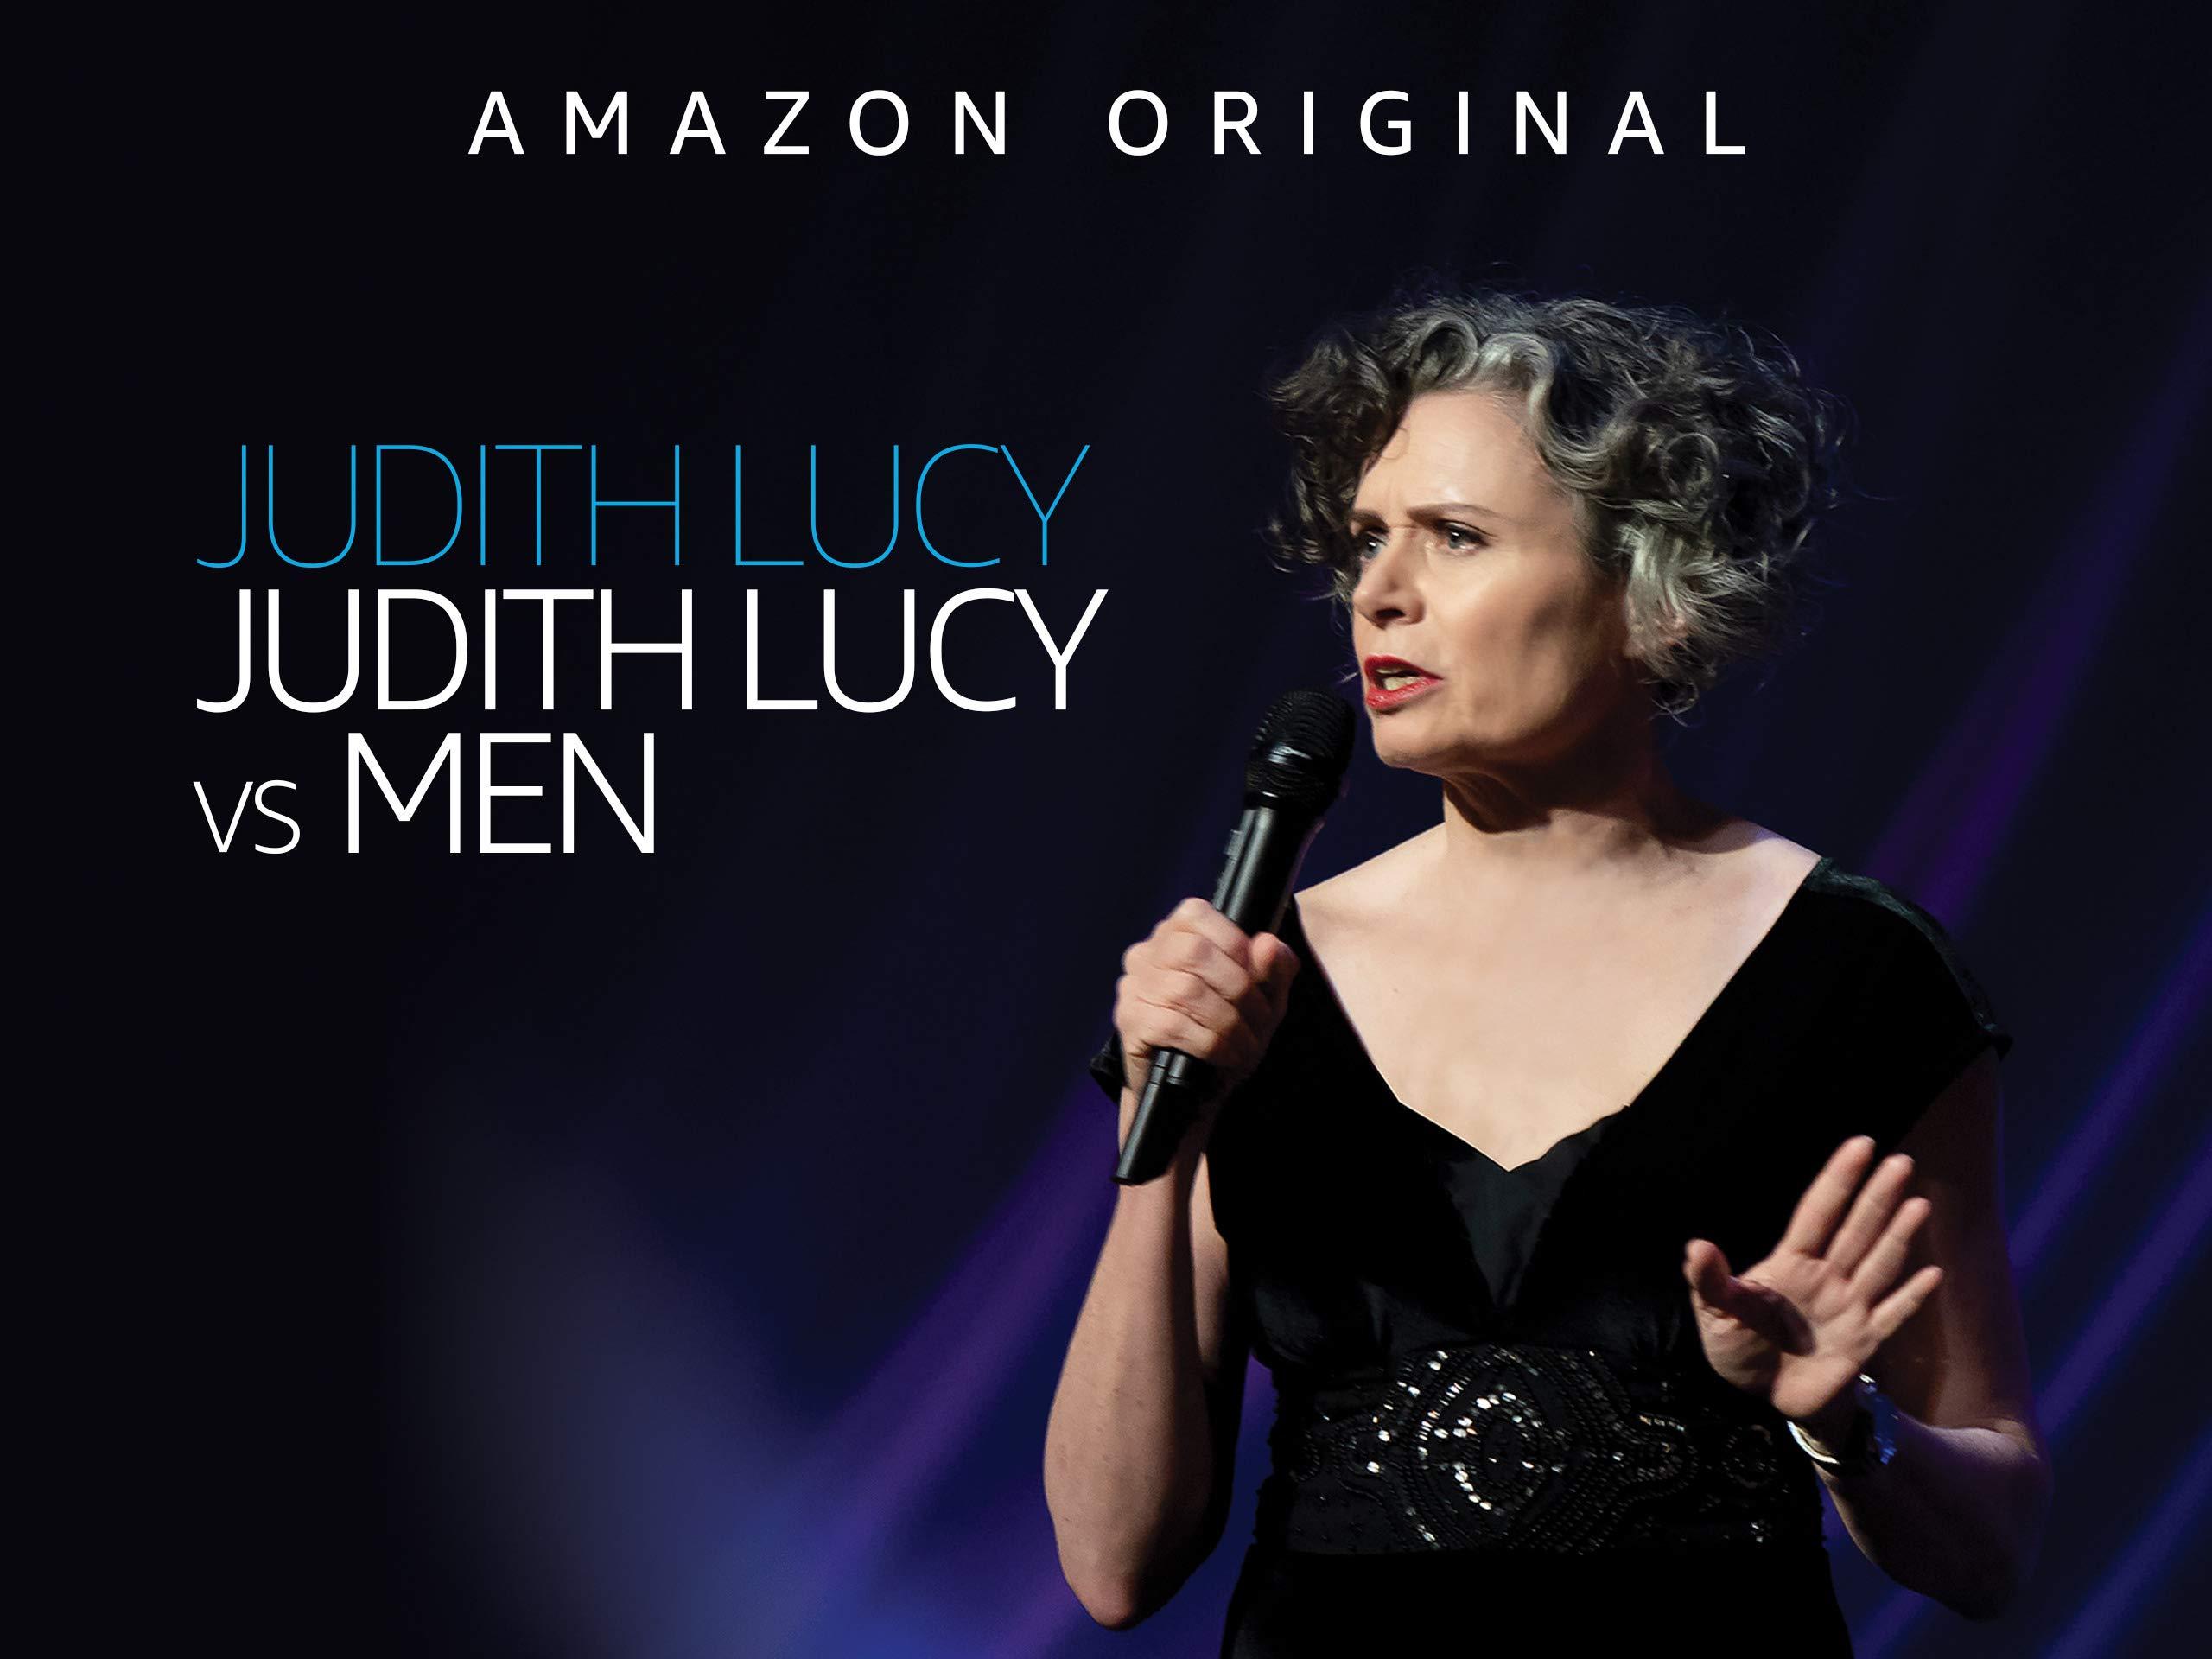 『ジュディス・ルーシー:ジュディス・ルーシー対男たち』